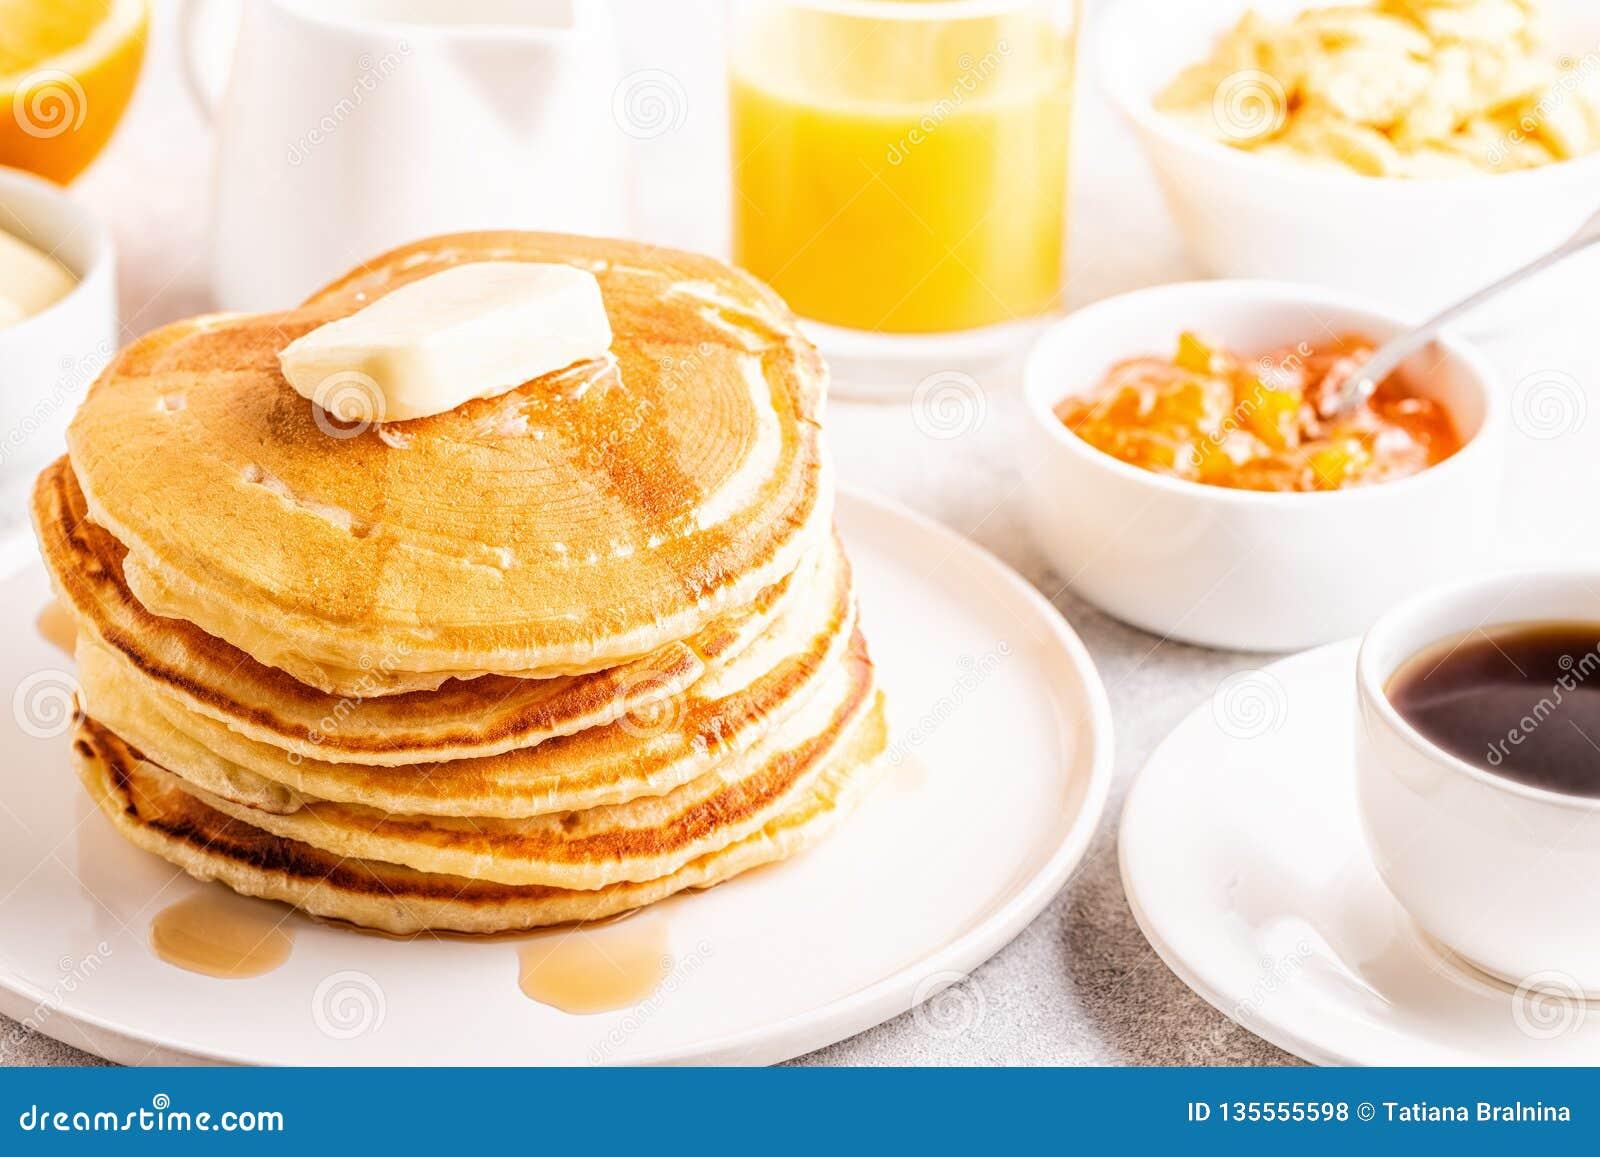 Heerlijk eigengemaakt ontbijt met pannekoeken